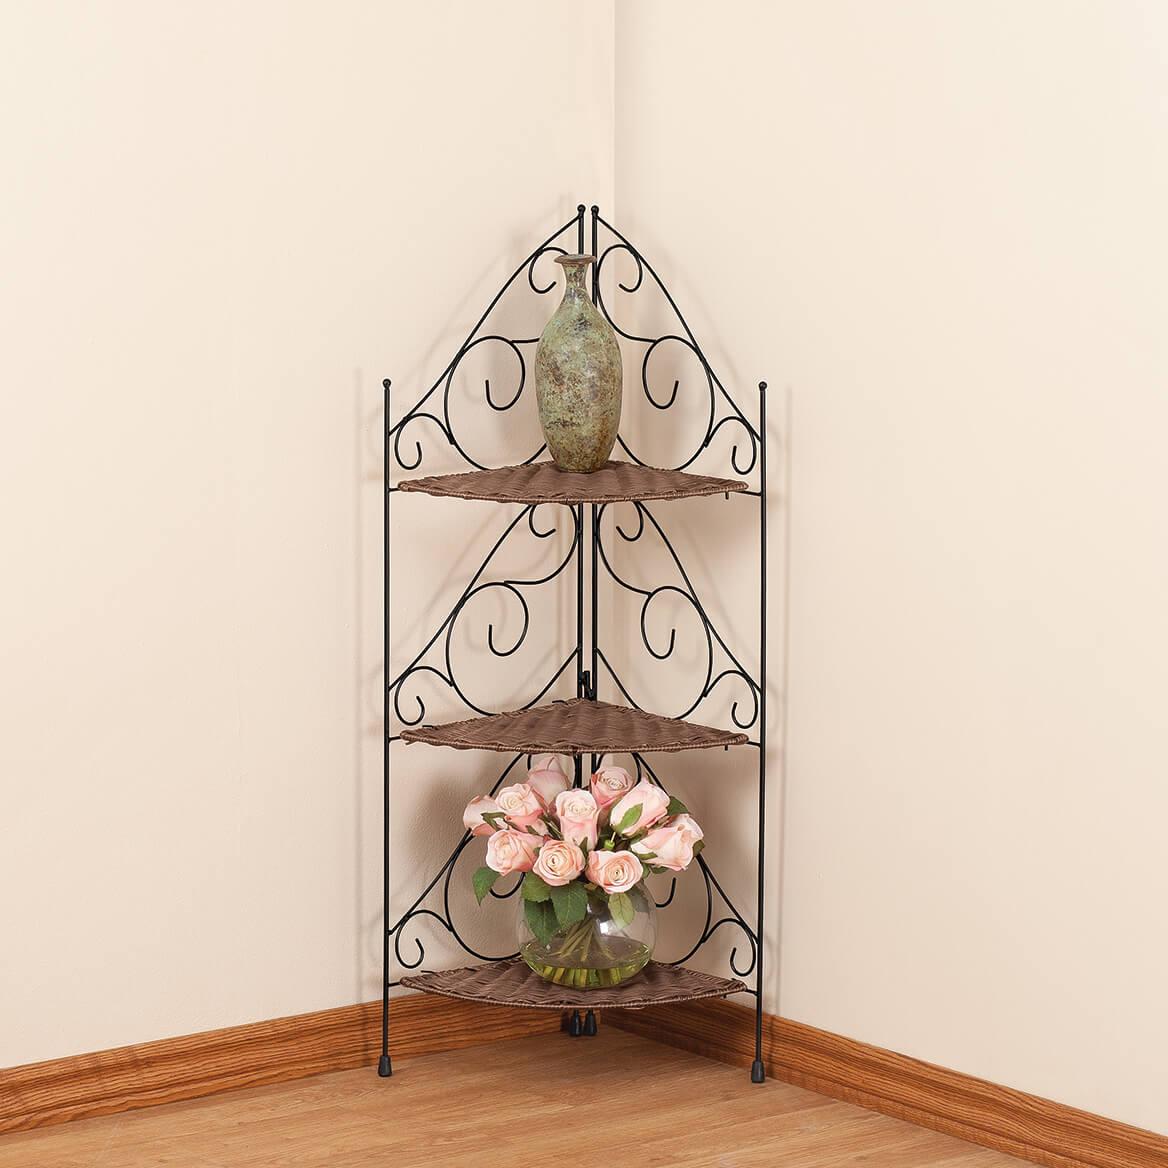 Three Tier Wicker Metal Corner Shelves By OakRidge